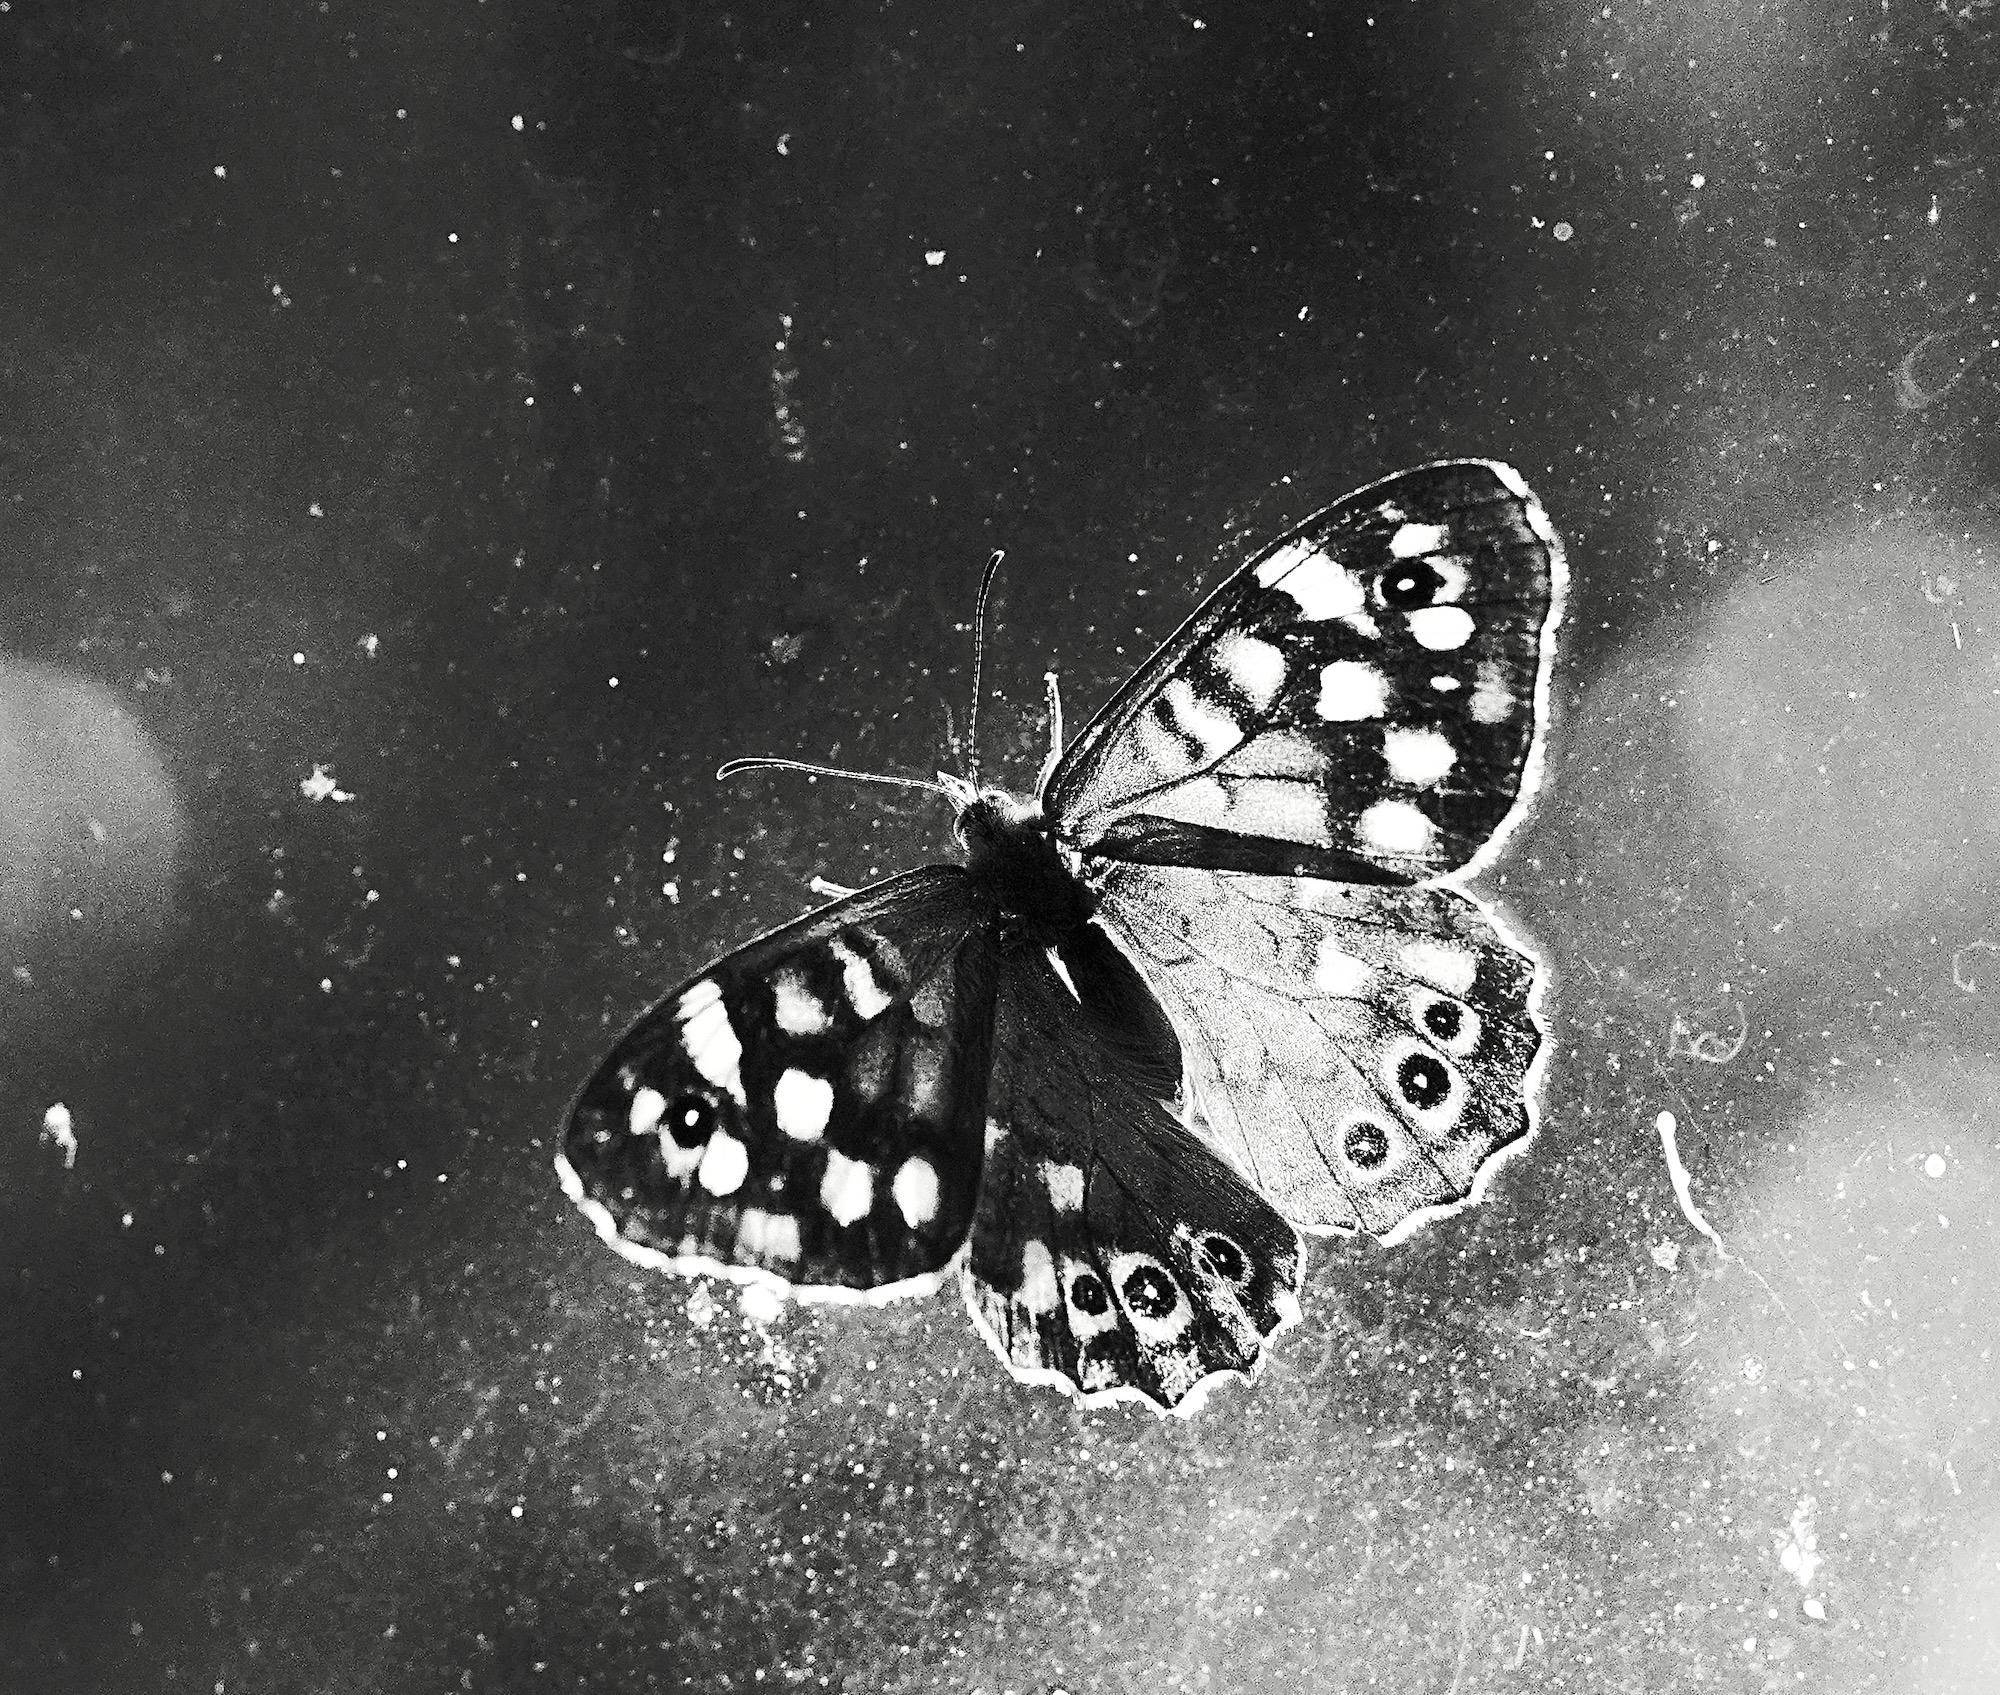 vlinder-bw-4 - 1